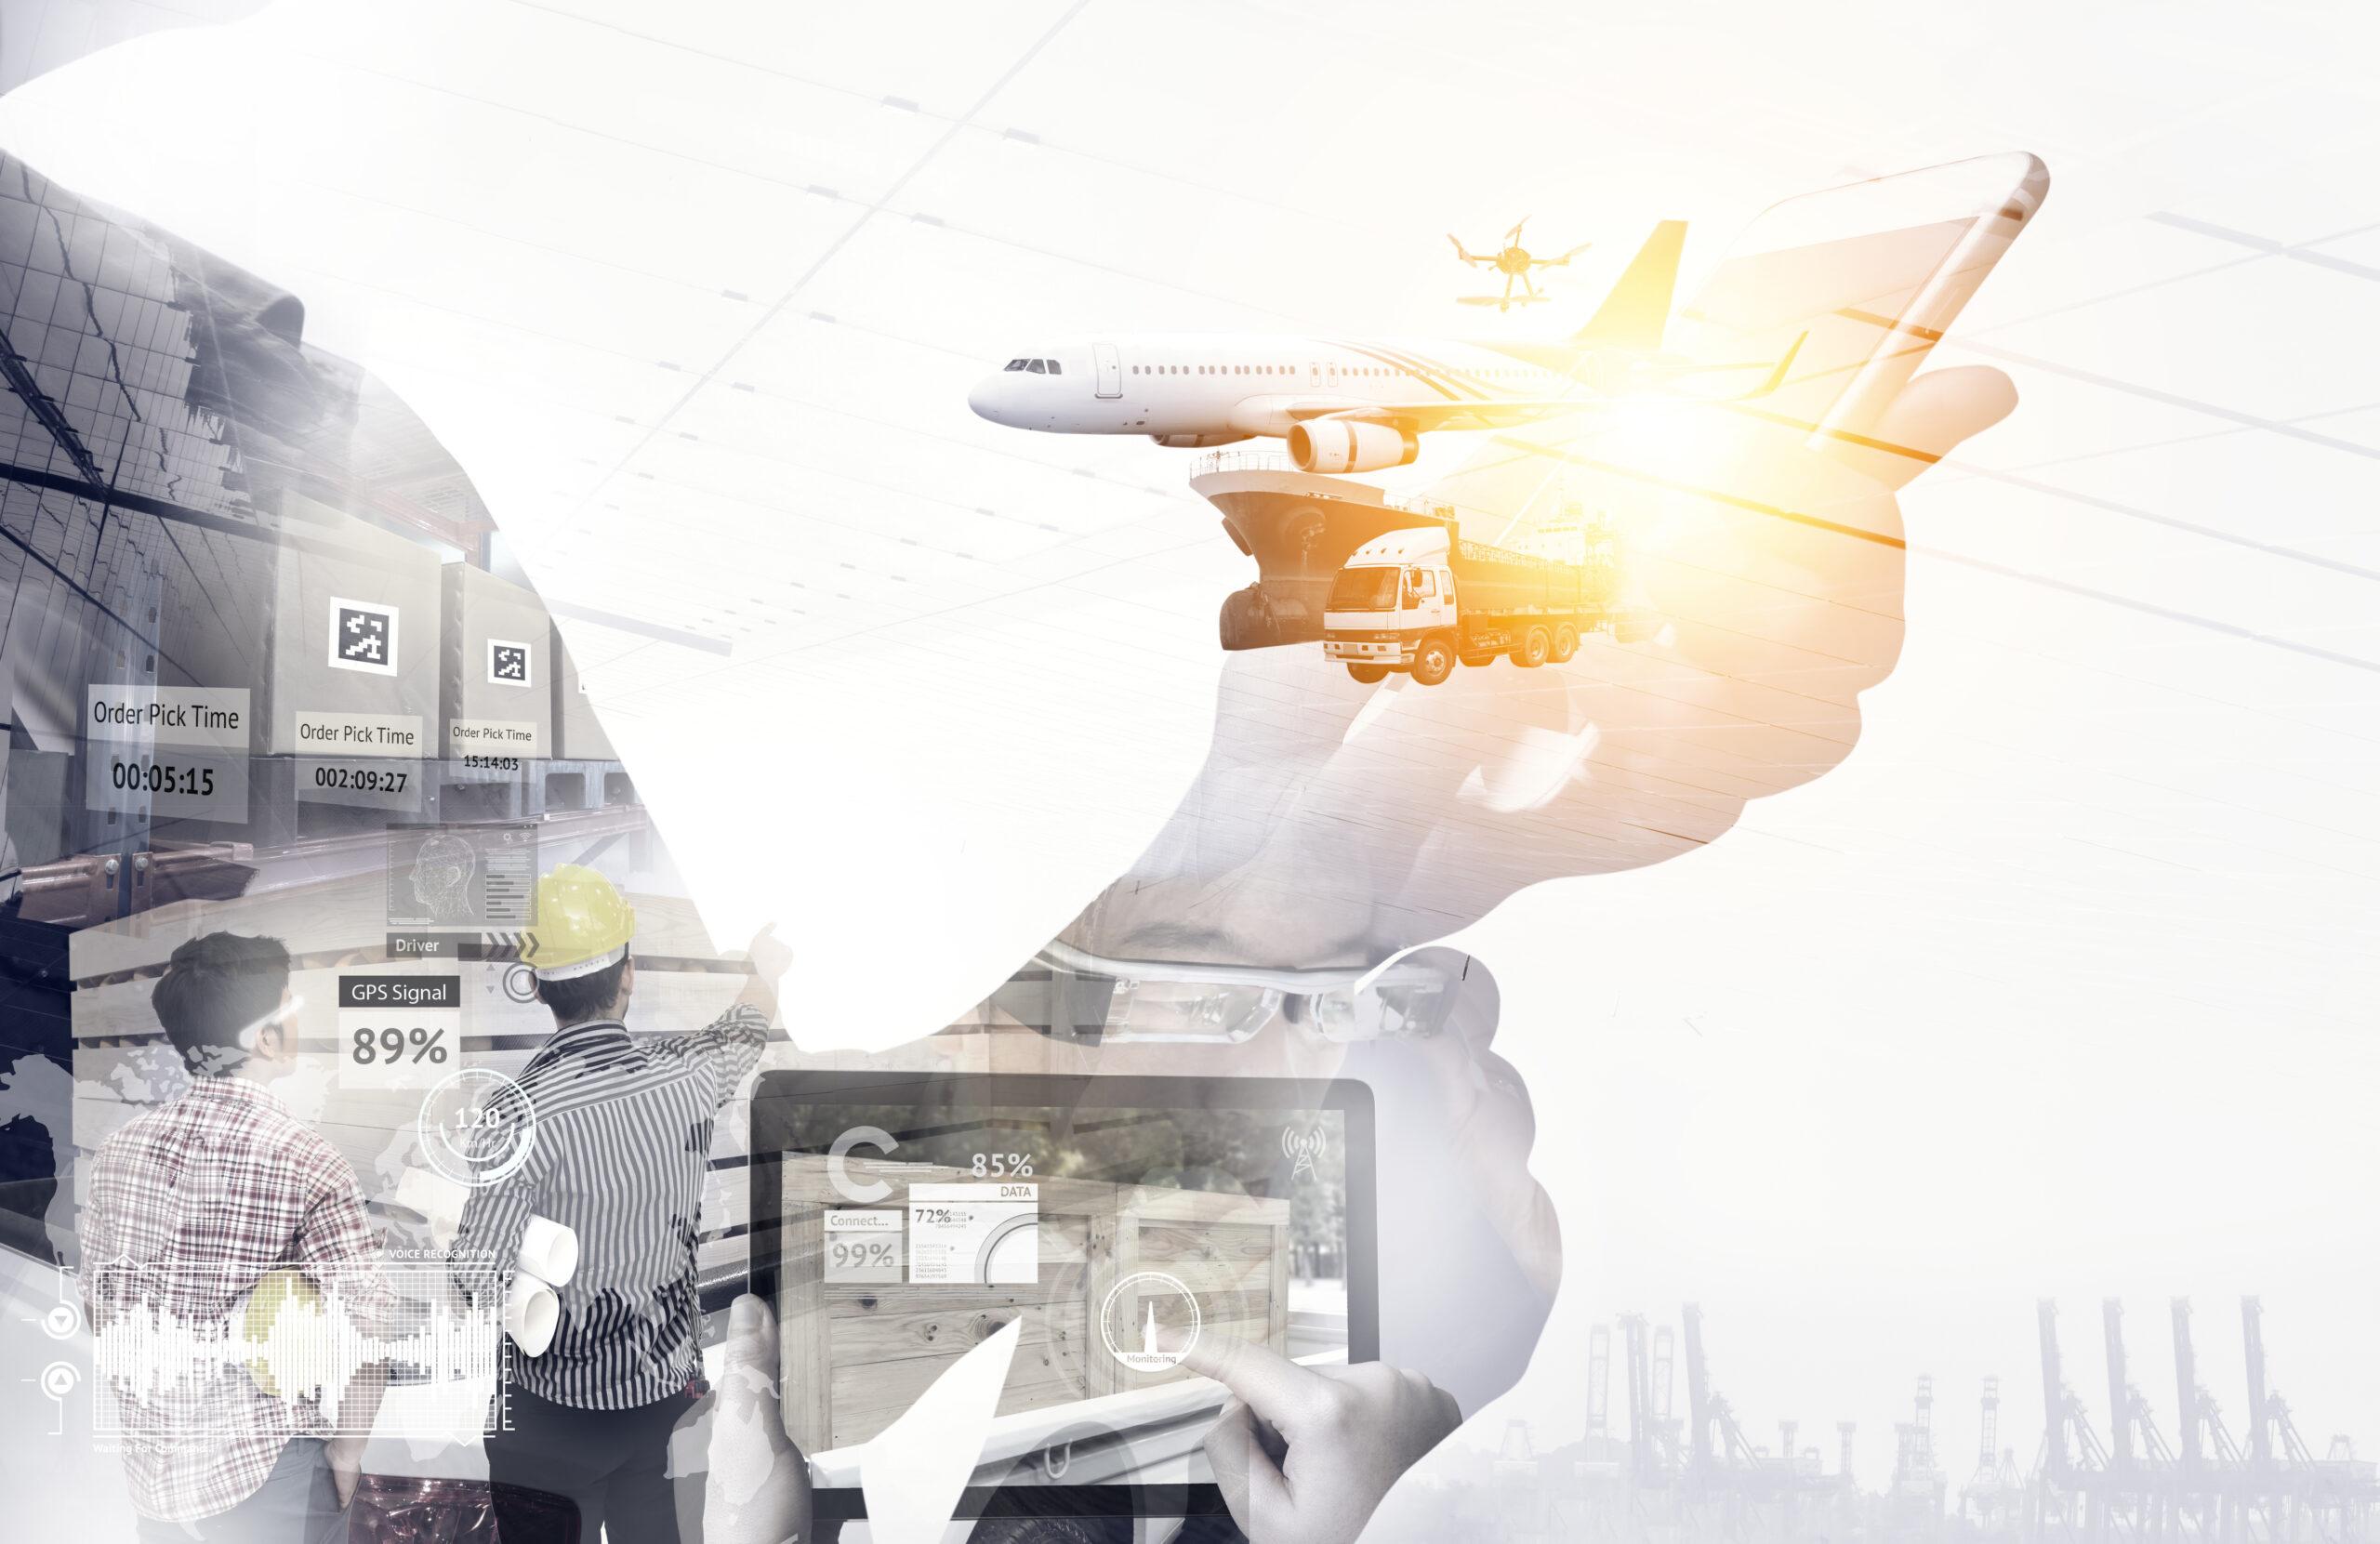 Lojistik 5.0, İnsanlara hizmet eden insansız teknoloji